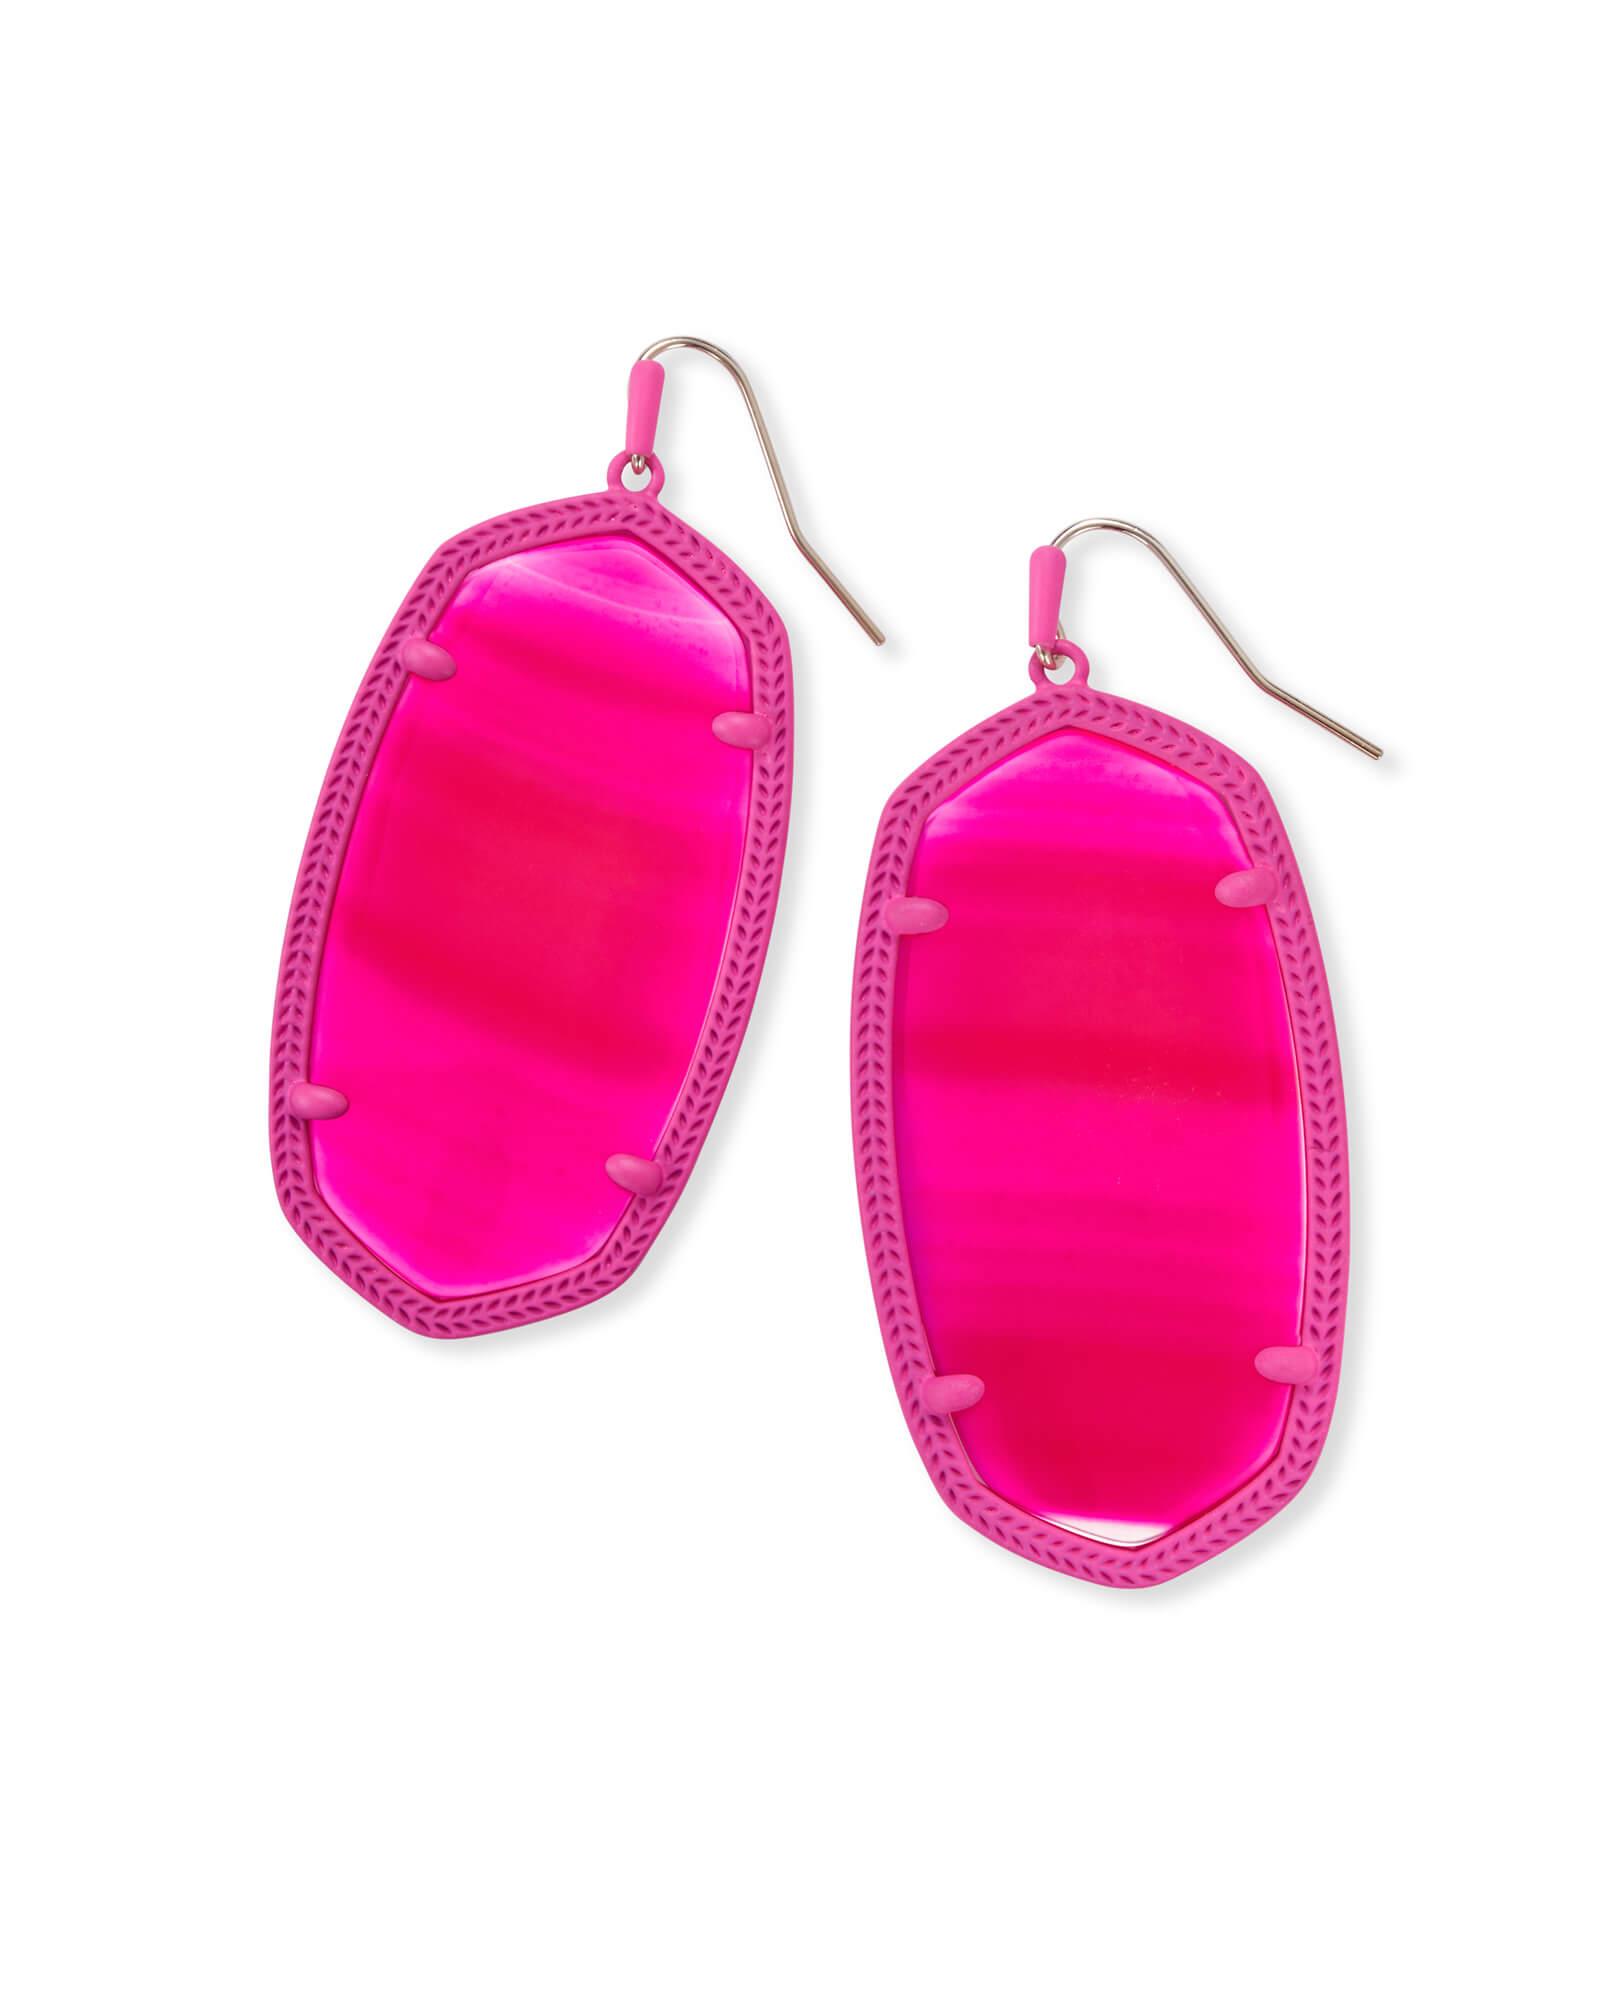 Danielle Matte Statement Earrings Pink Agate | Kendra Scott